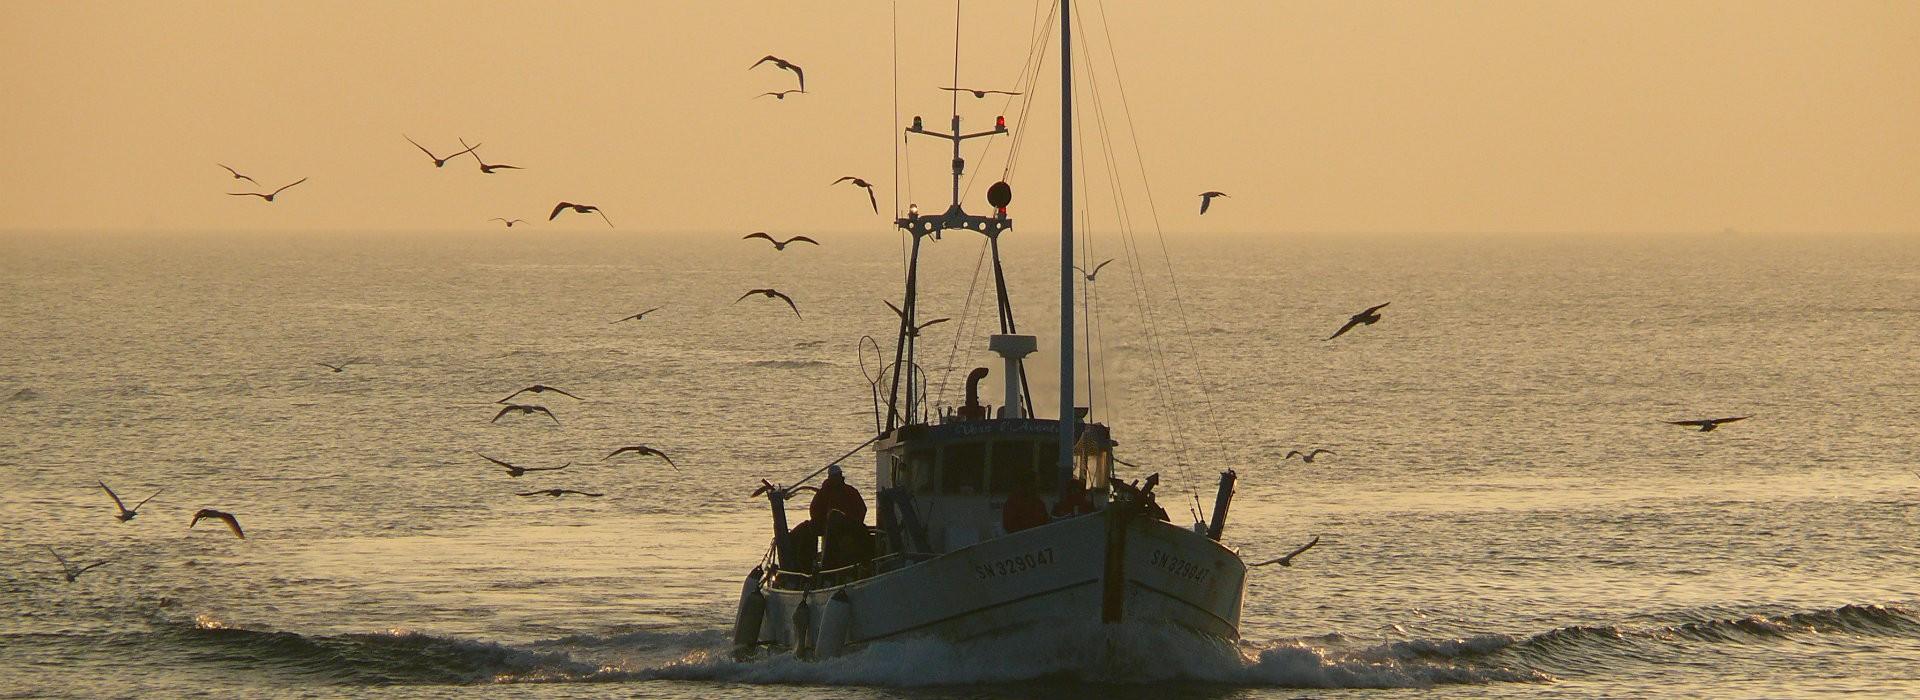 Pêche en mer au départ de la Turballe - Bruno Schoch